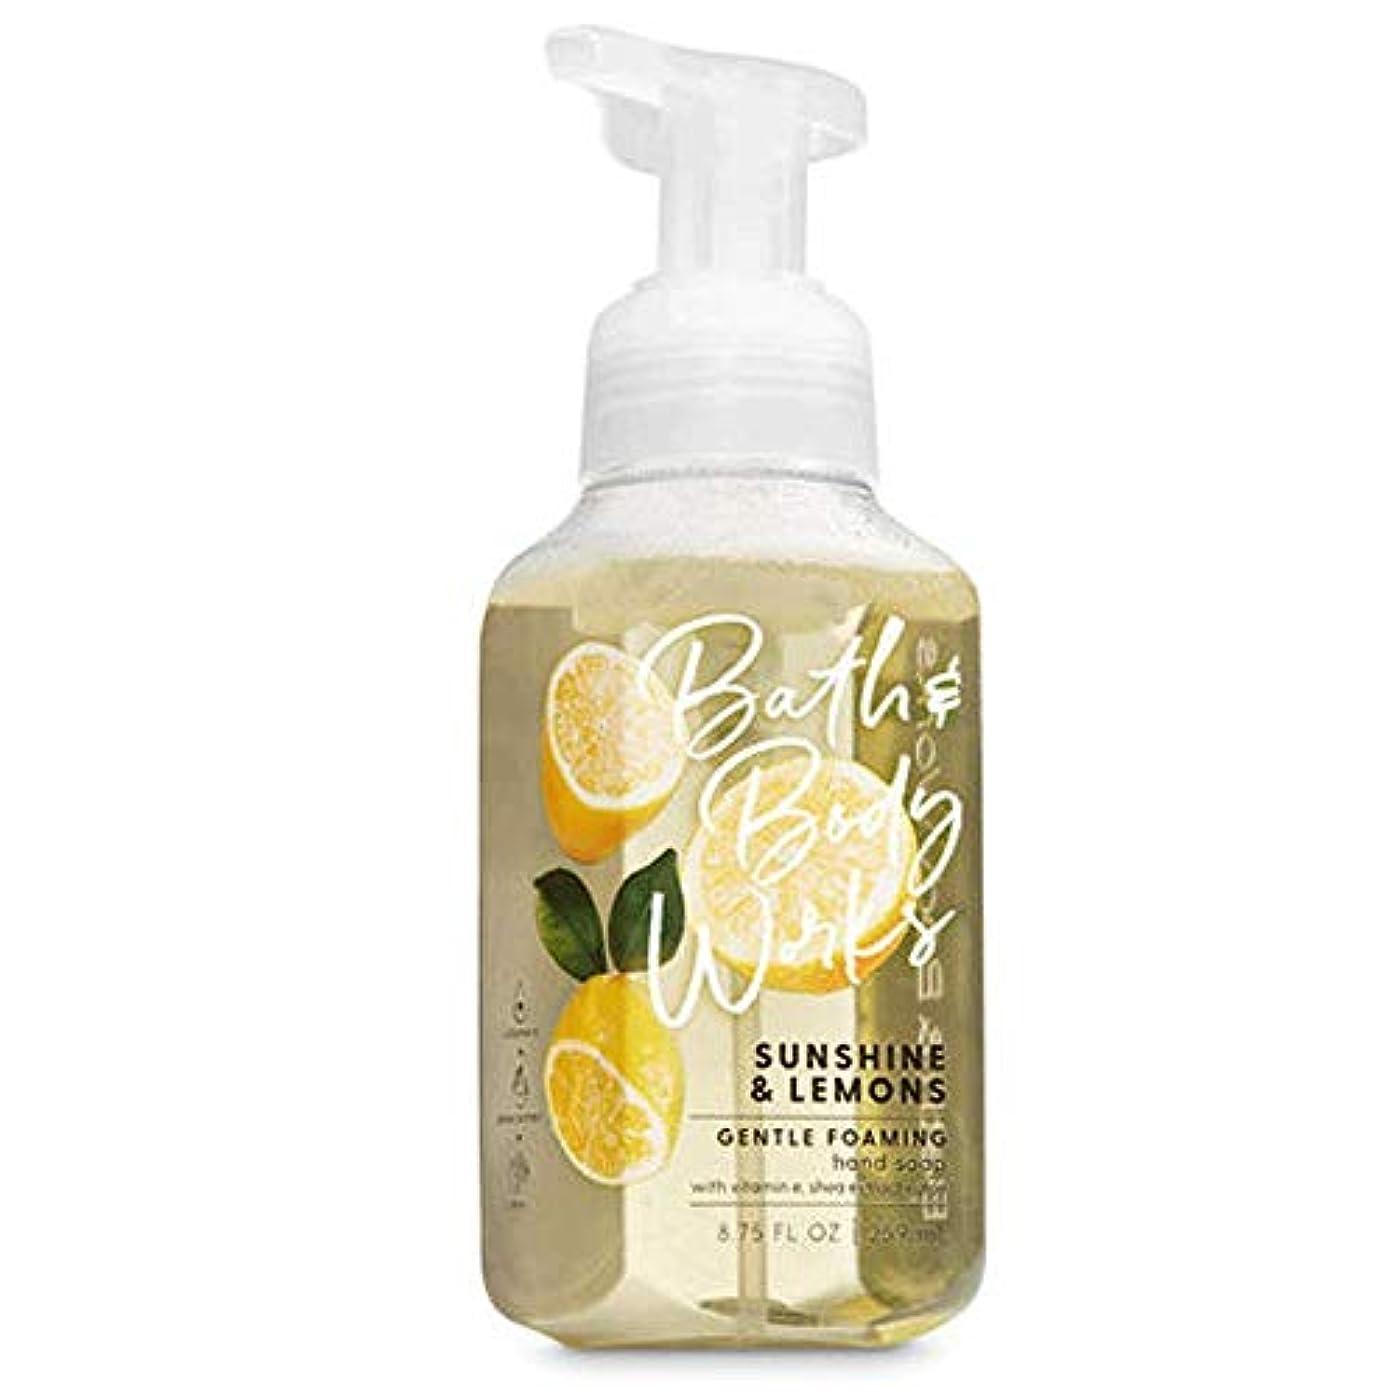 多用途相続人枯渇するバス&ボディワークス サンシャインレモン ジェントル フォーミング ハンドソープ Sunshine & Lemons Gentle Foaming Hand Soap